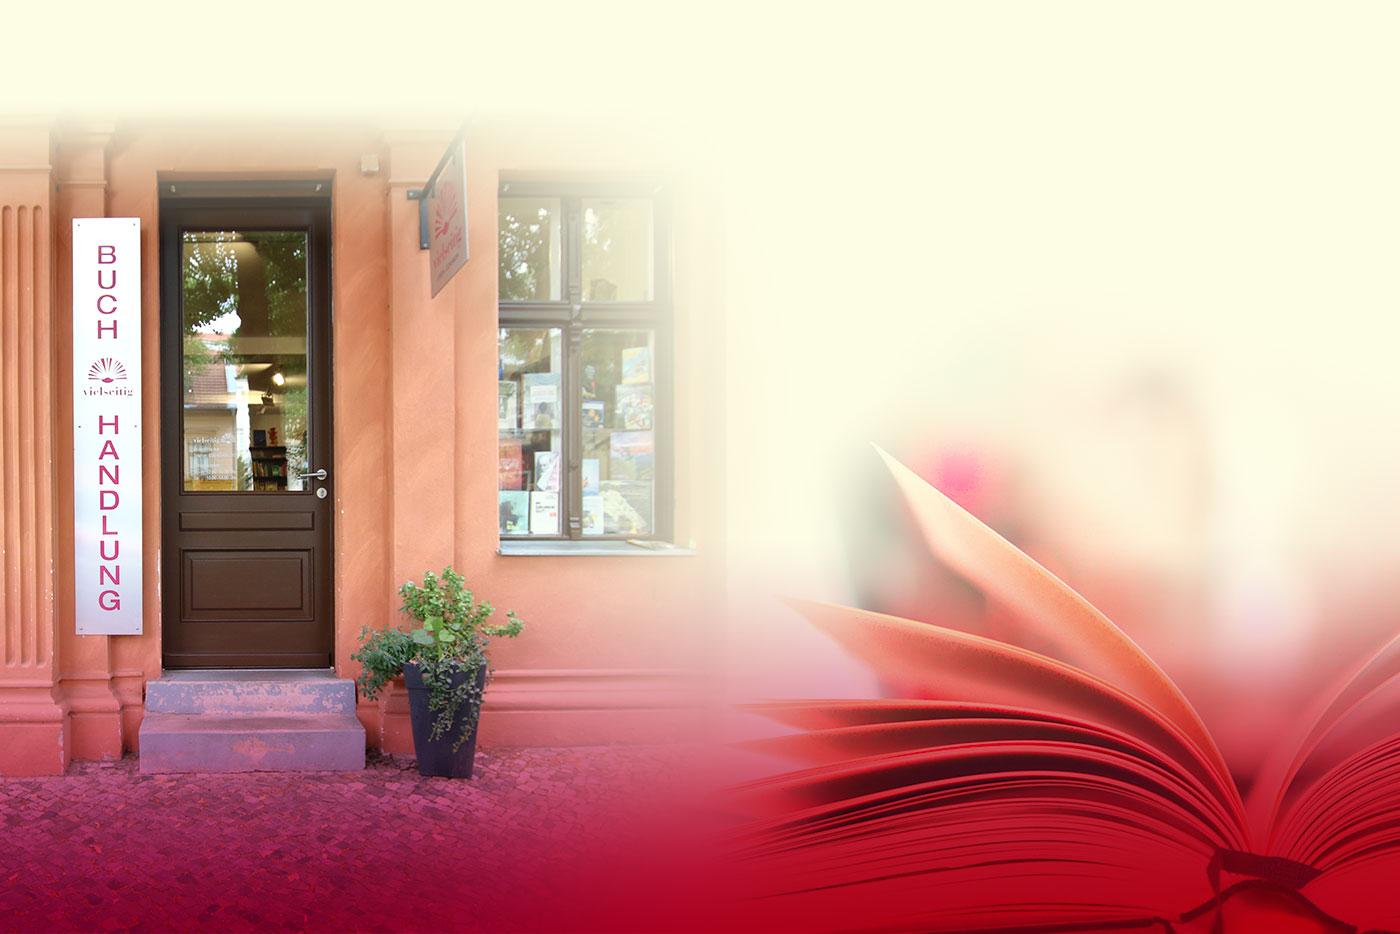 Eingang Buchhandlung vielseitig Berlin Friedrichshagen